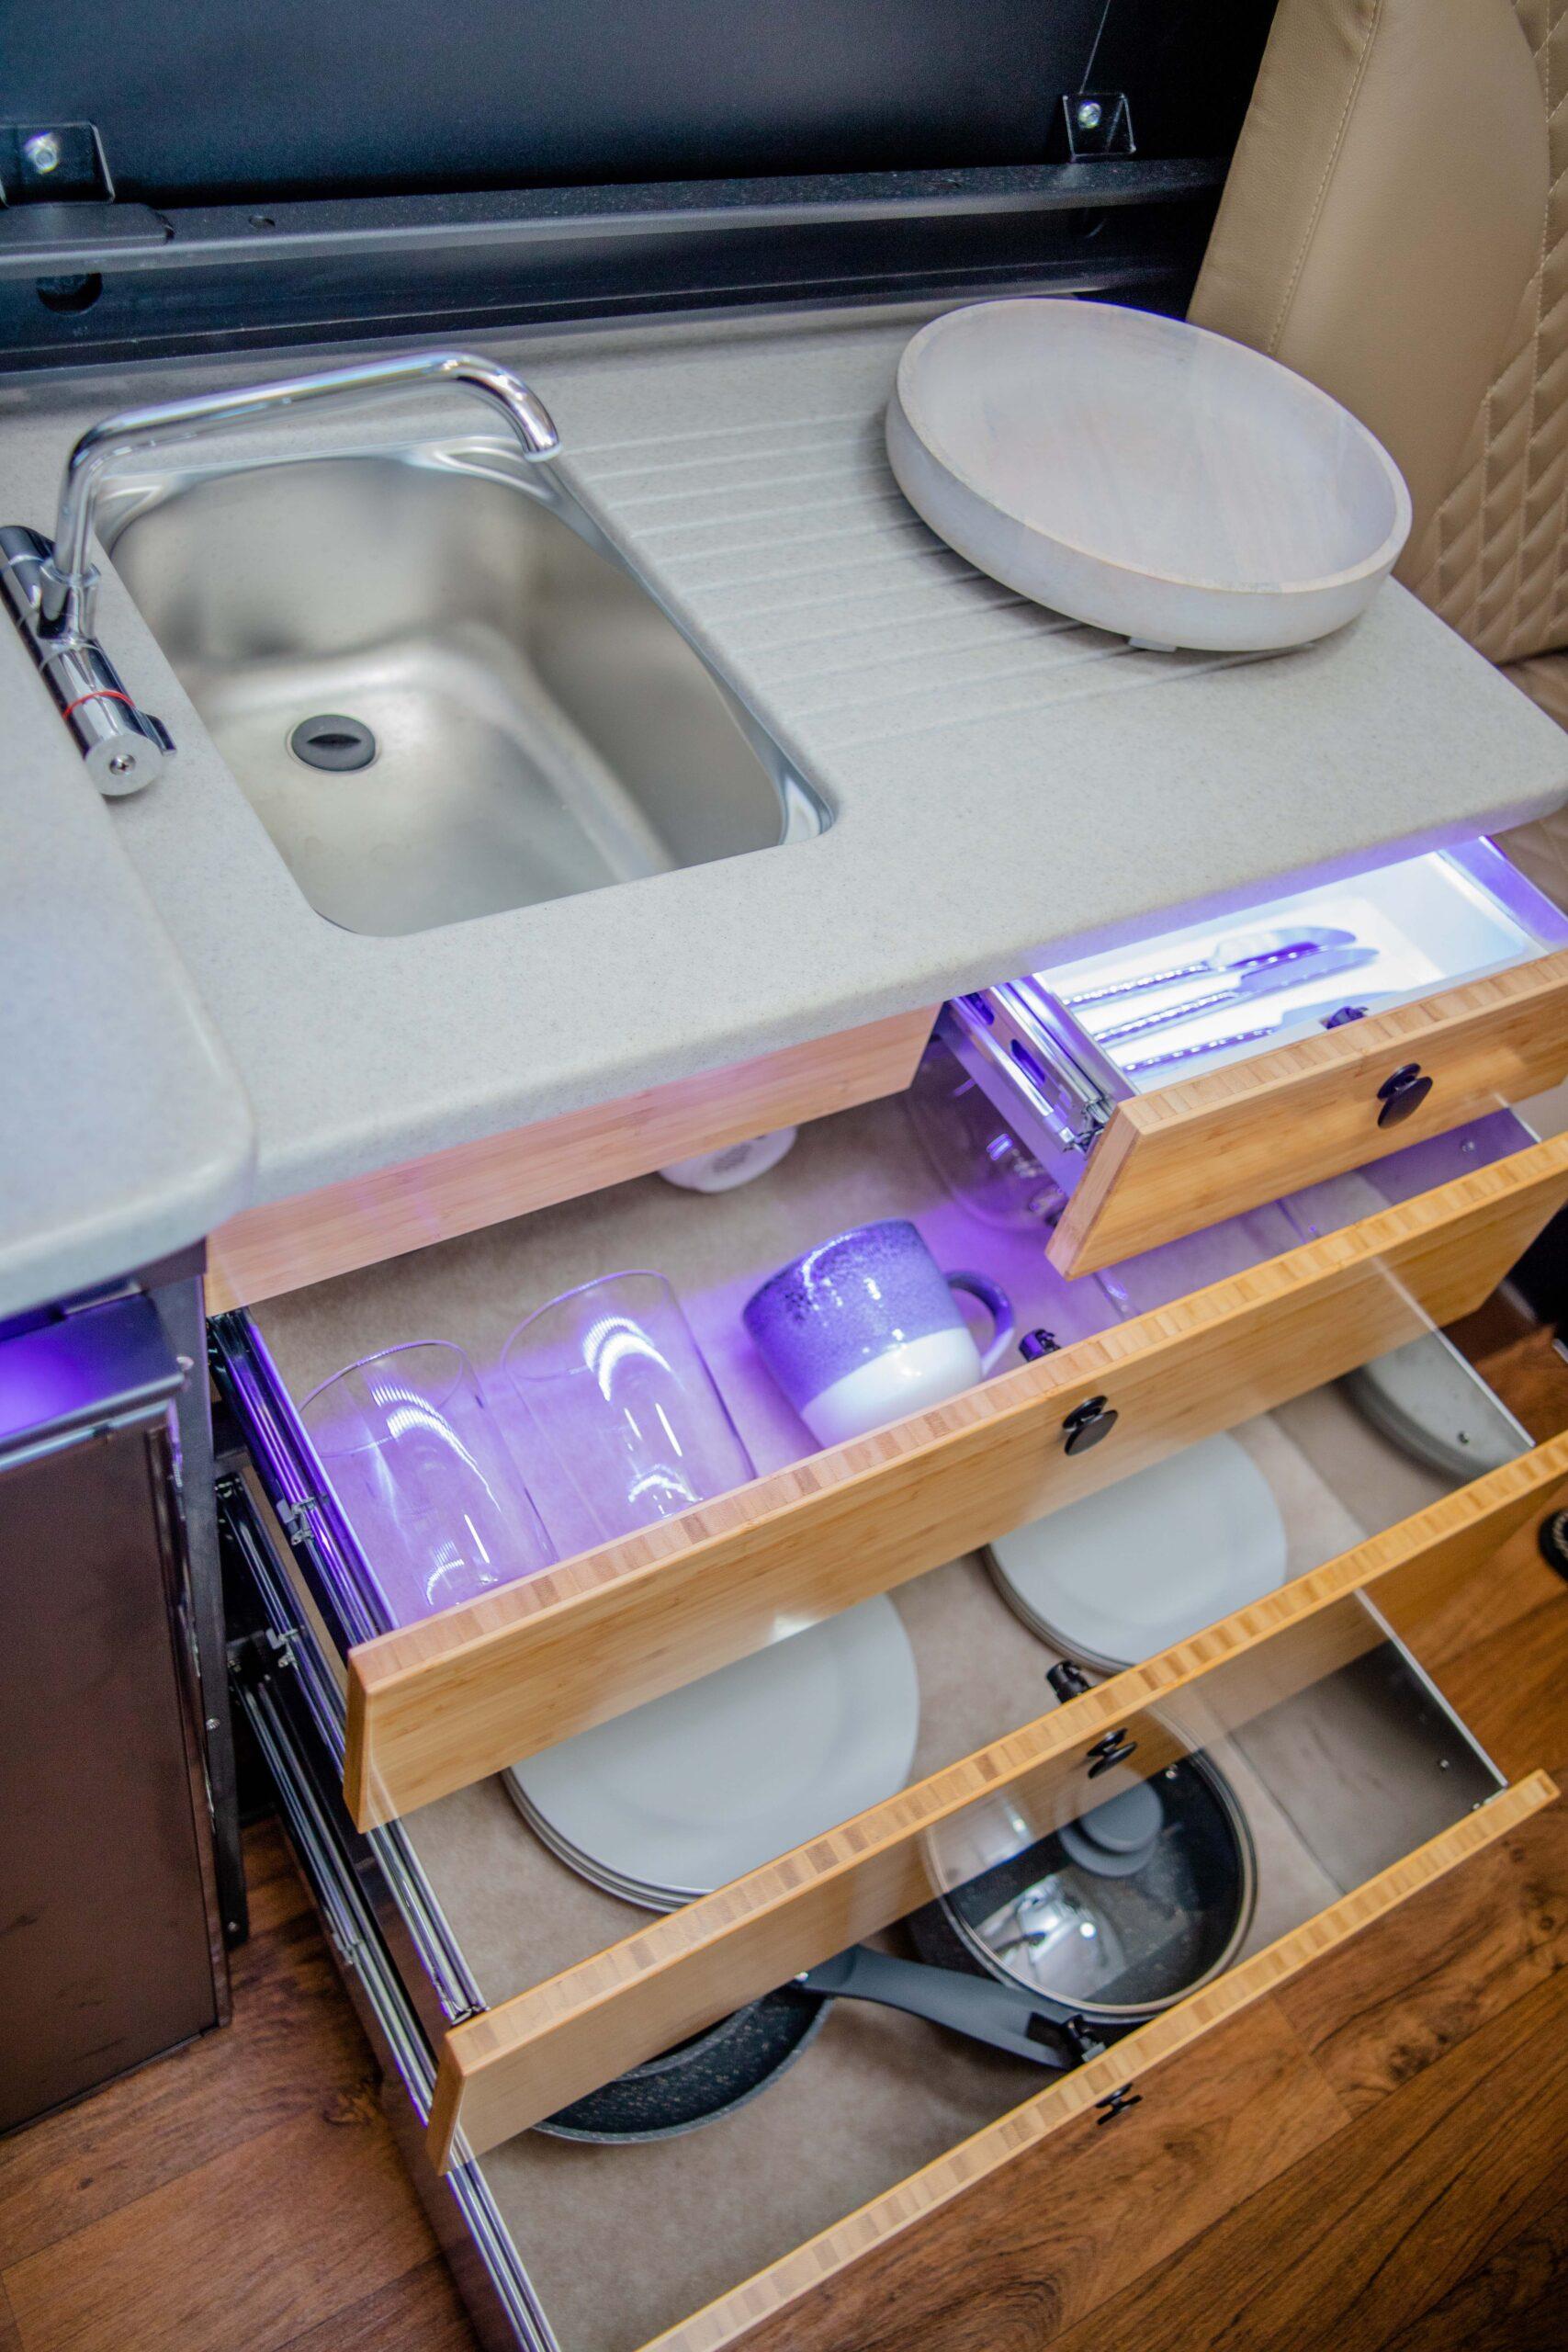 Kimberley Karavan sink and drawers